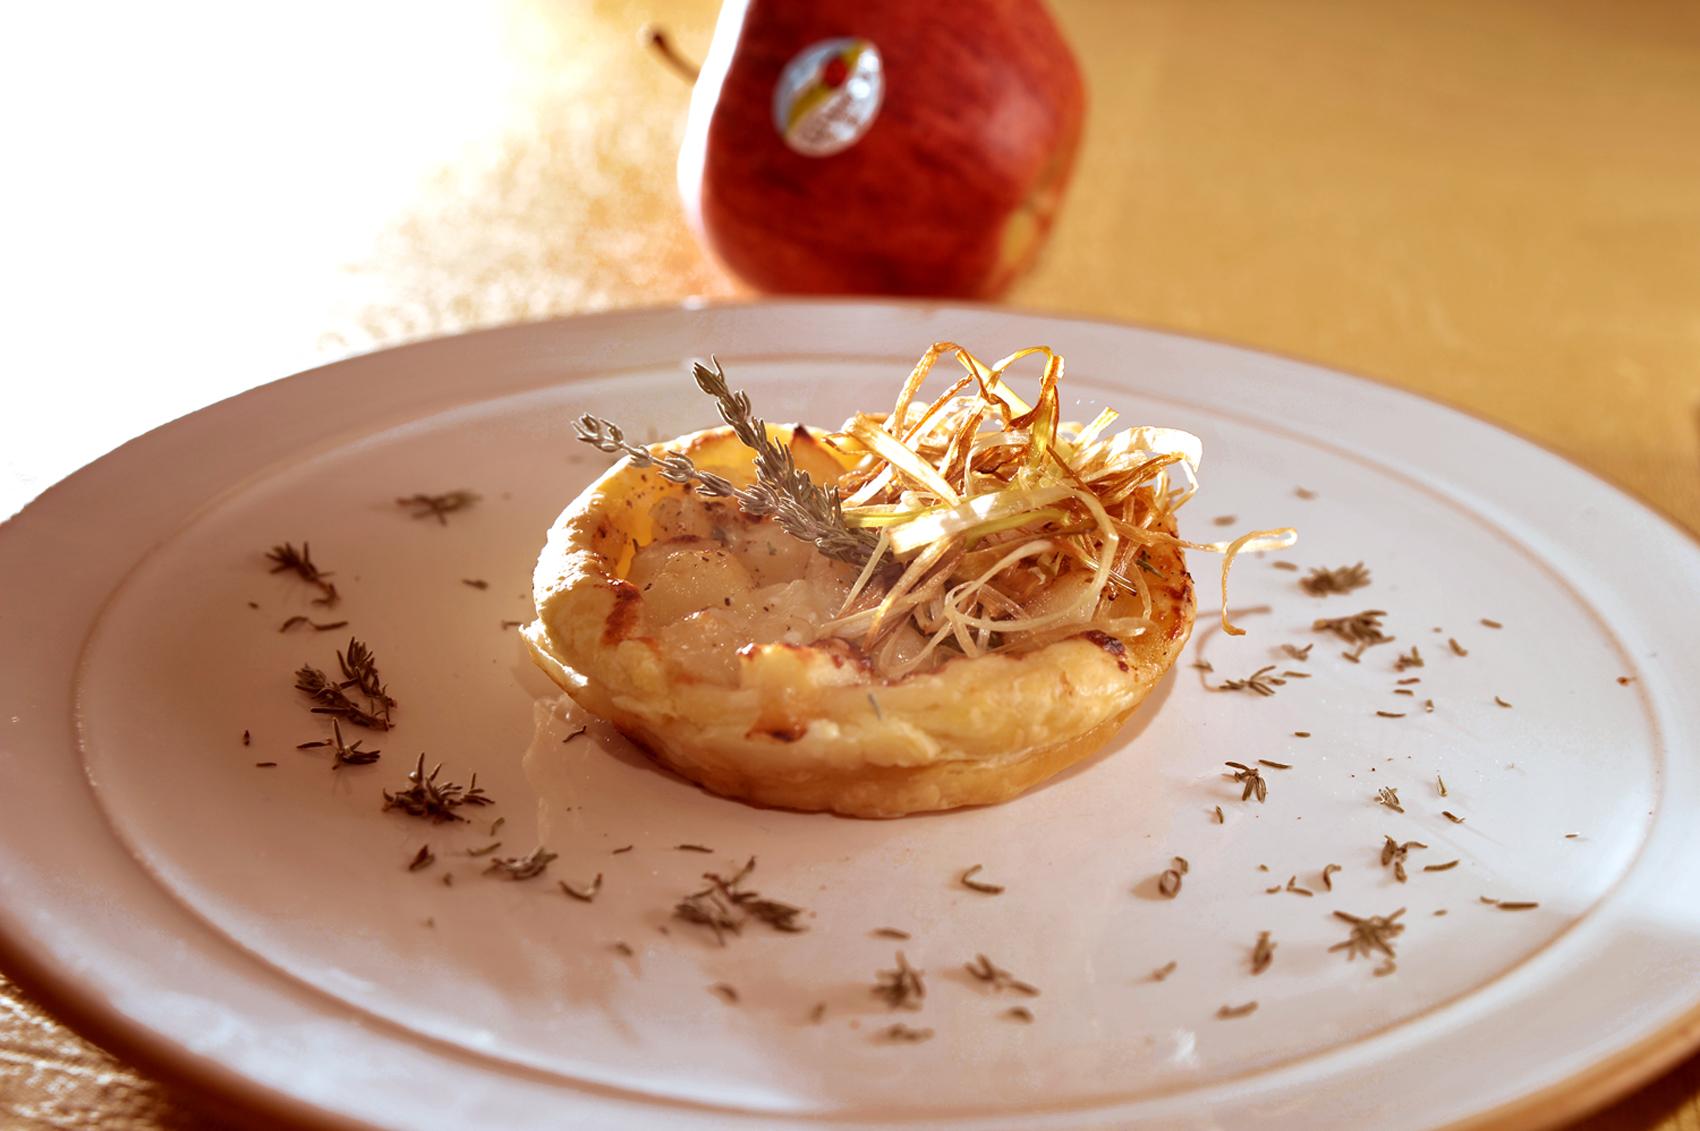 Mini quiche con Manzanas Val Venosta, cebollas y queso gratinado al horno Colesterol a raya